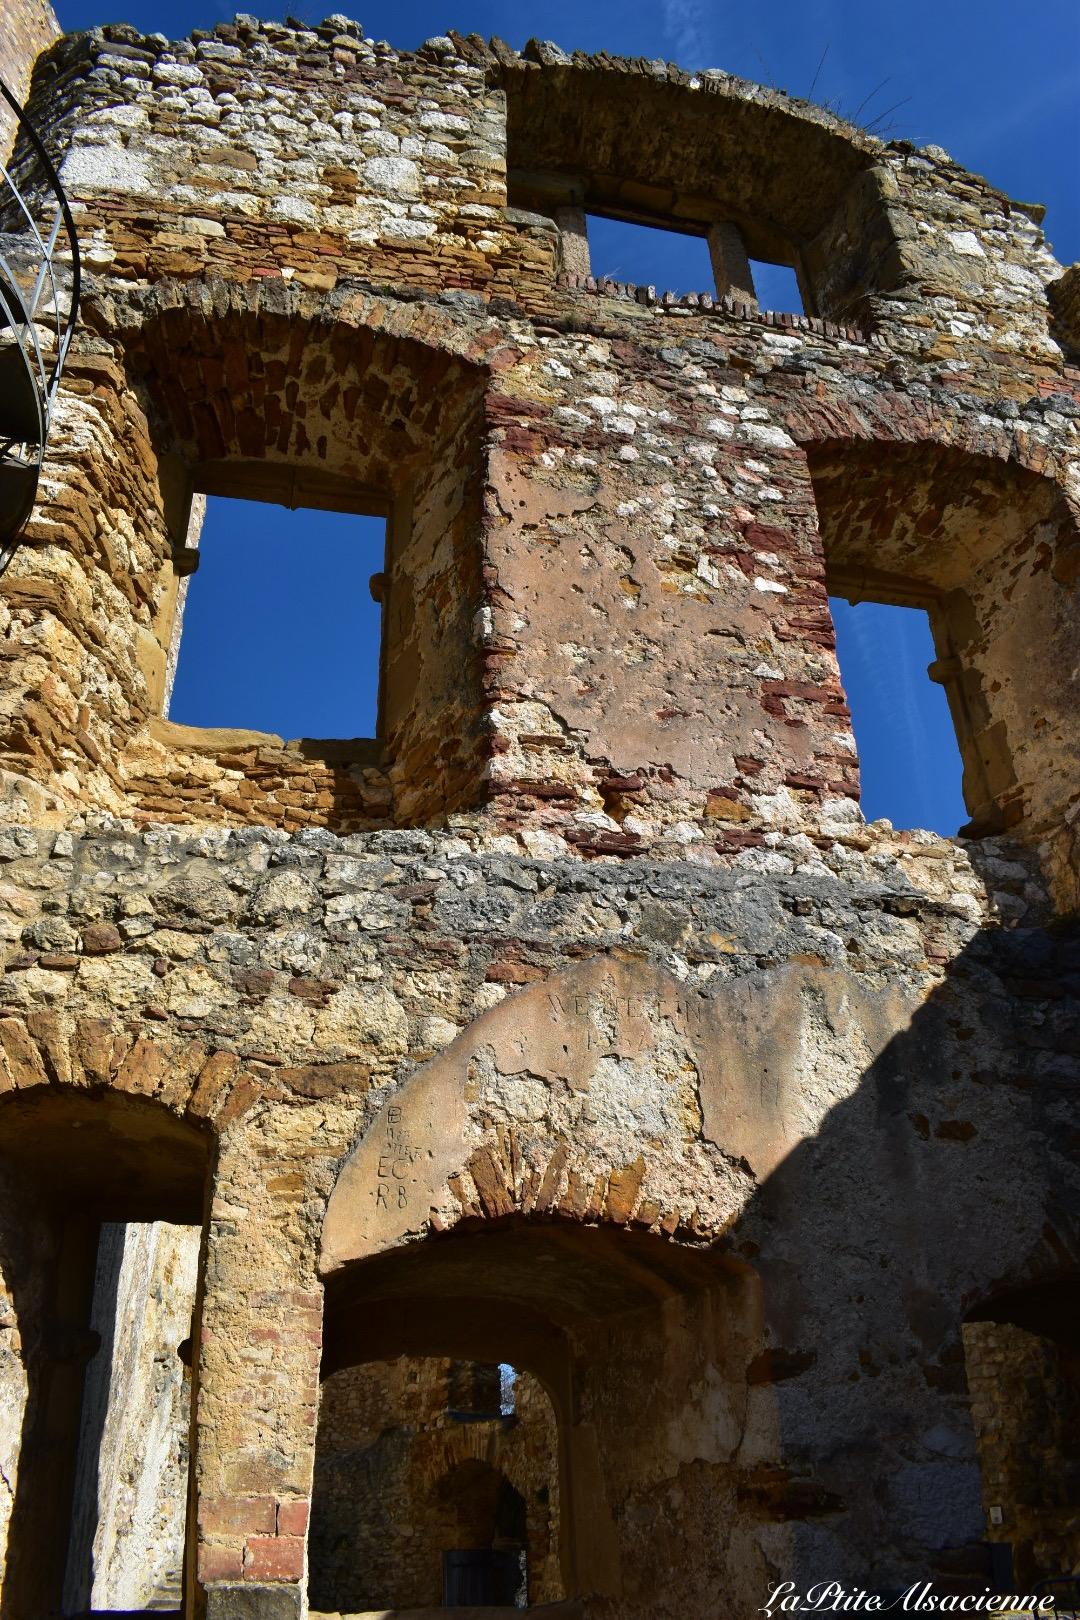 extrait du grand bastion du château fort Landskron à Leymen en Alsace